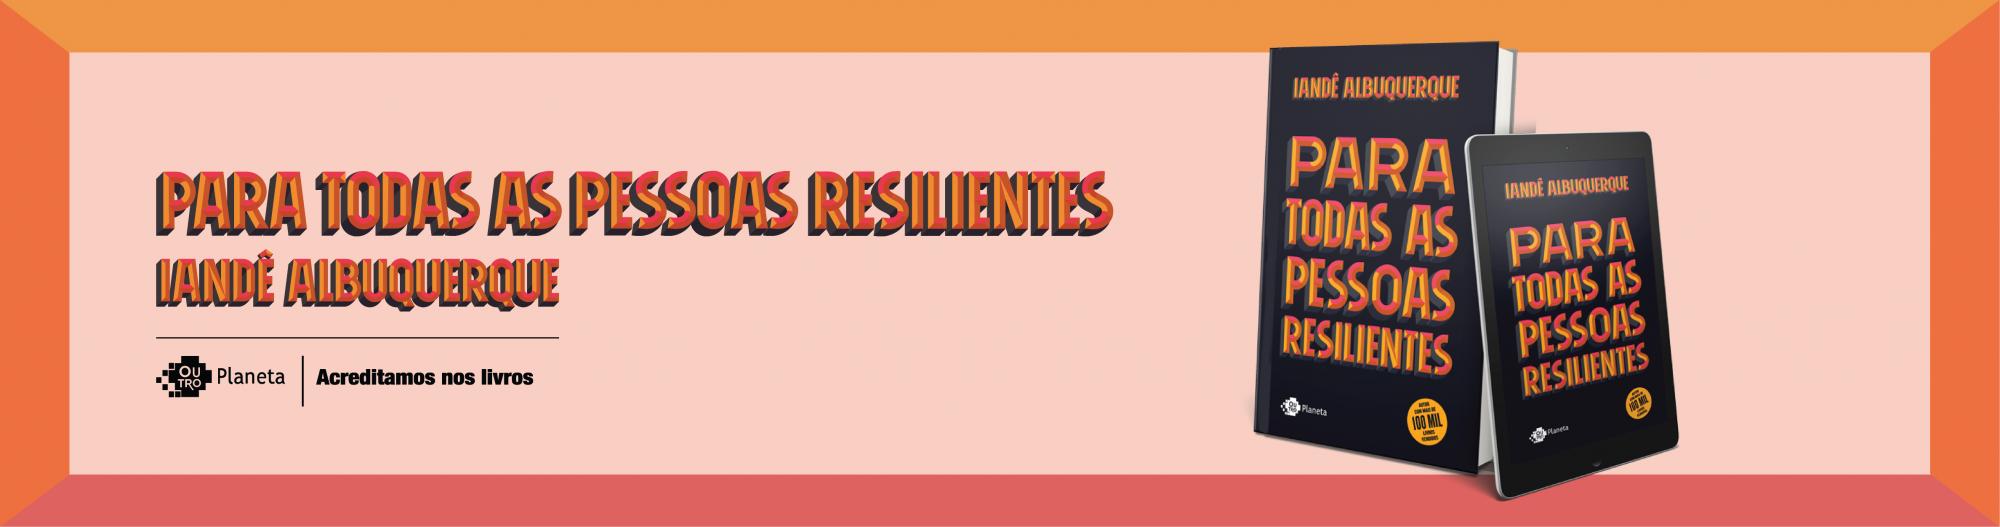 268_1_Para_todas_as_pessoas_resilientes_cards_2-14.png